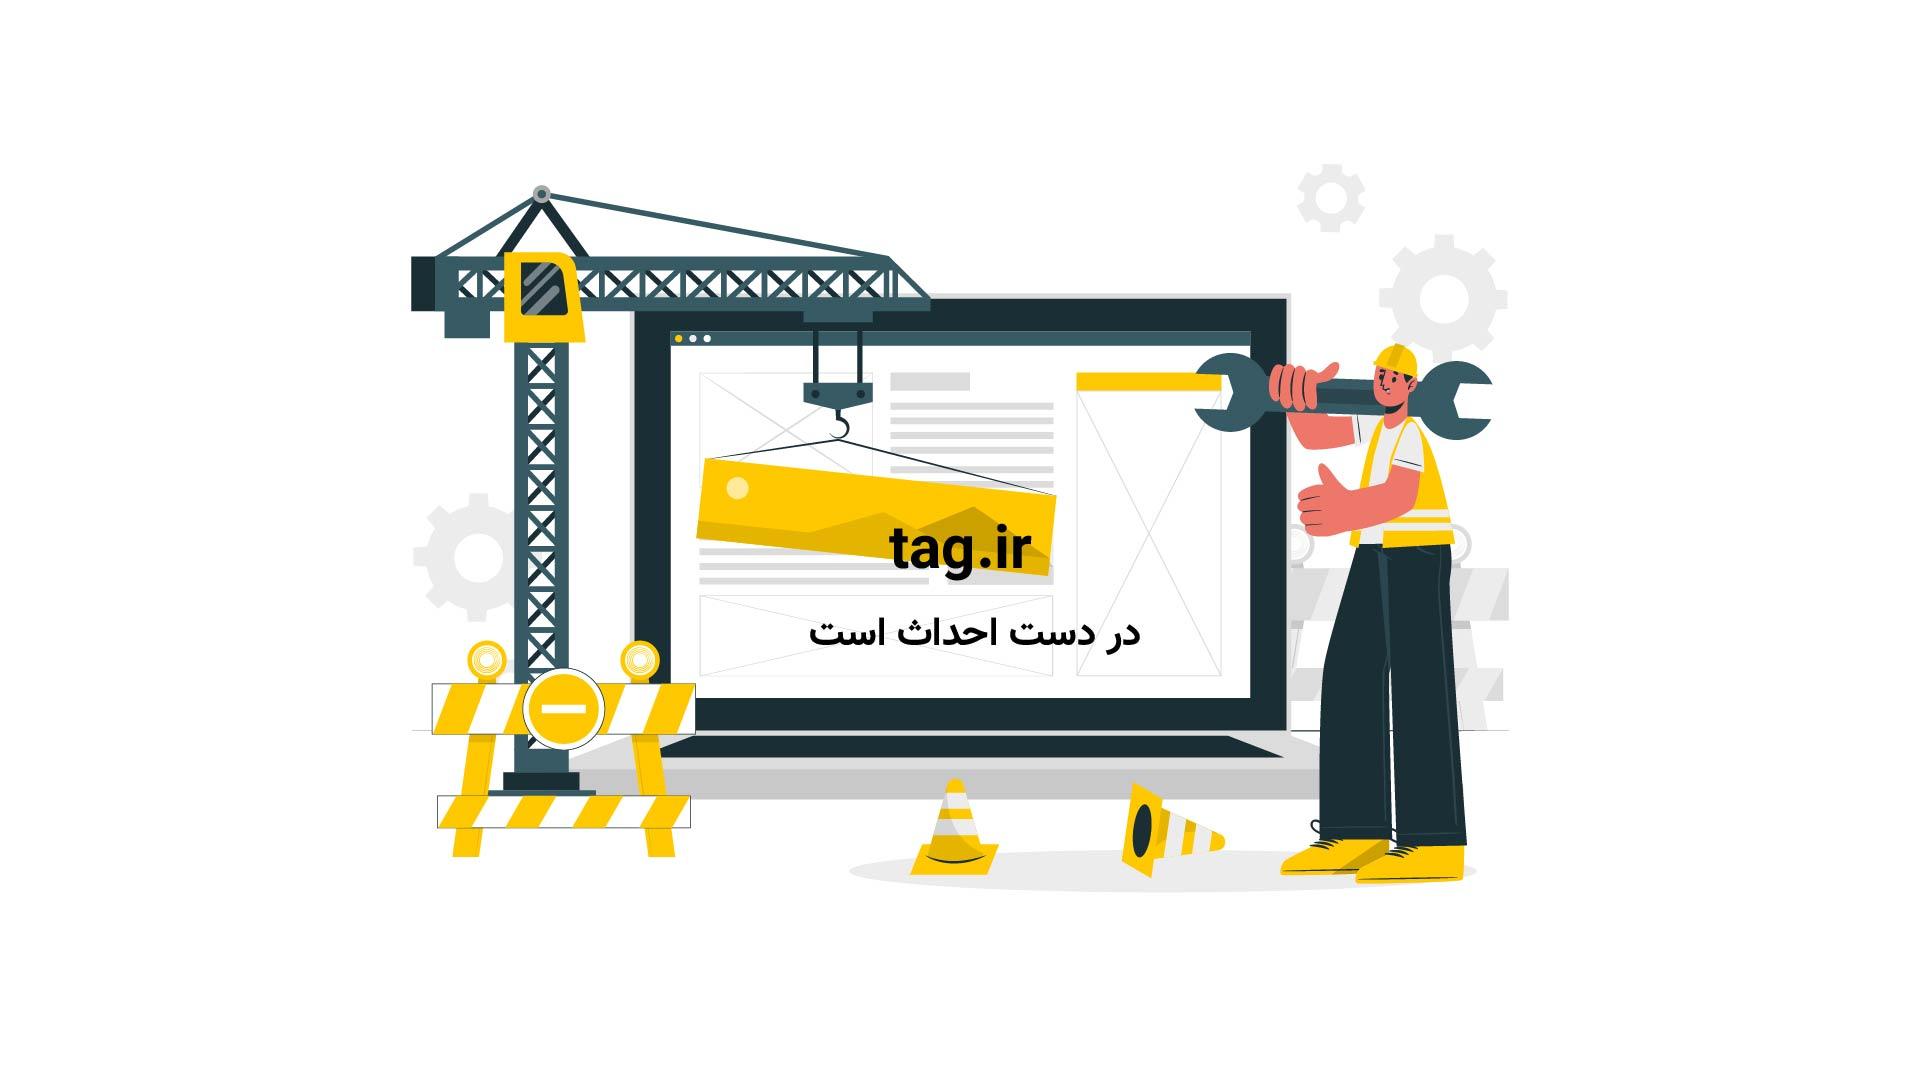 عناوین روزنامههای صبح دوشنبه 13 شهریور | فیلم